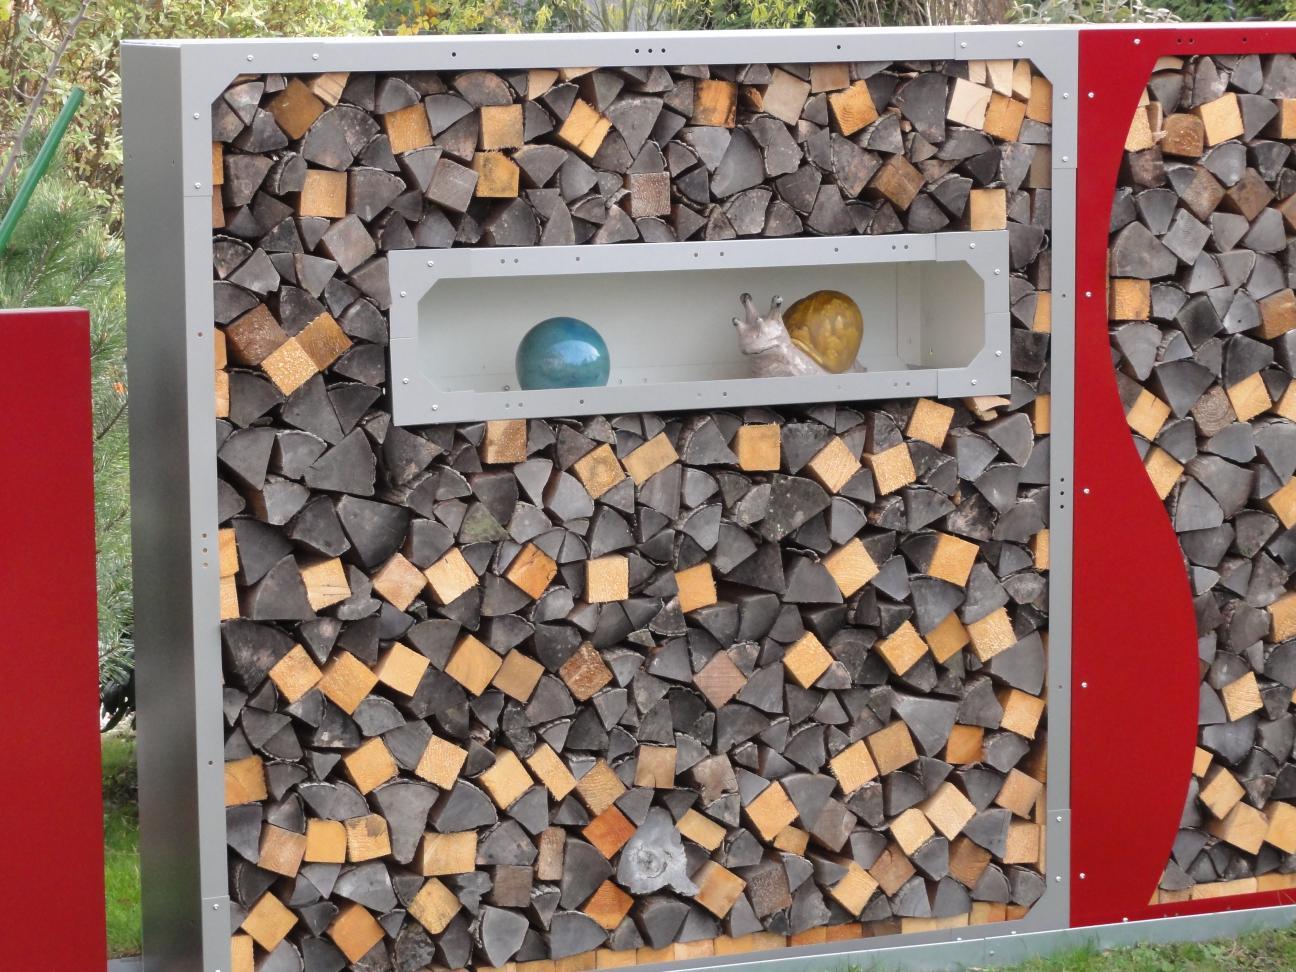 Holzaufbewahrung Außen fenster kaminholzregal mit rückwand 1 2 m x 0 3m x 0 35 m